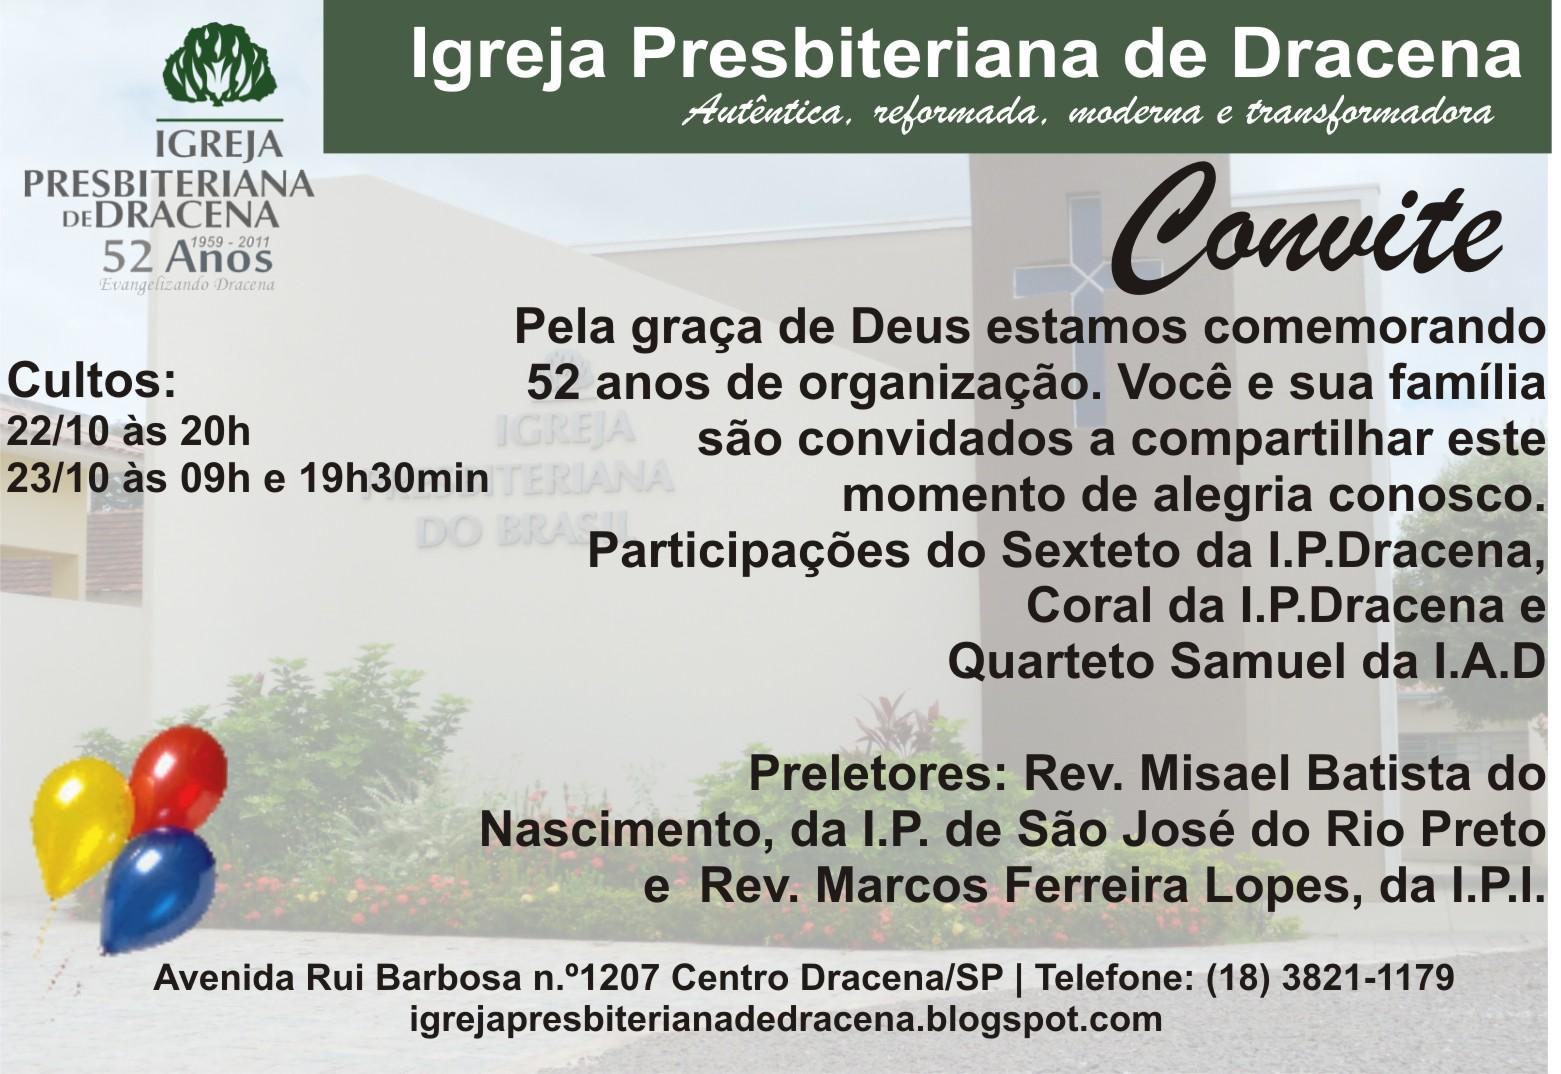 VELHAS: Convite de Aniversário da Igreja Presbiteriana de Dracena